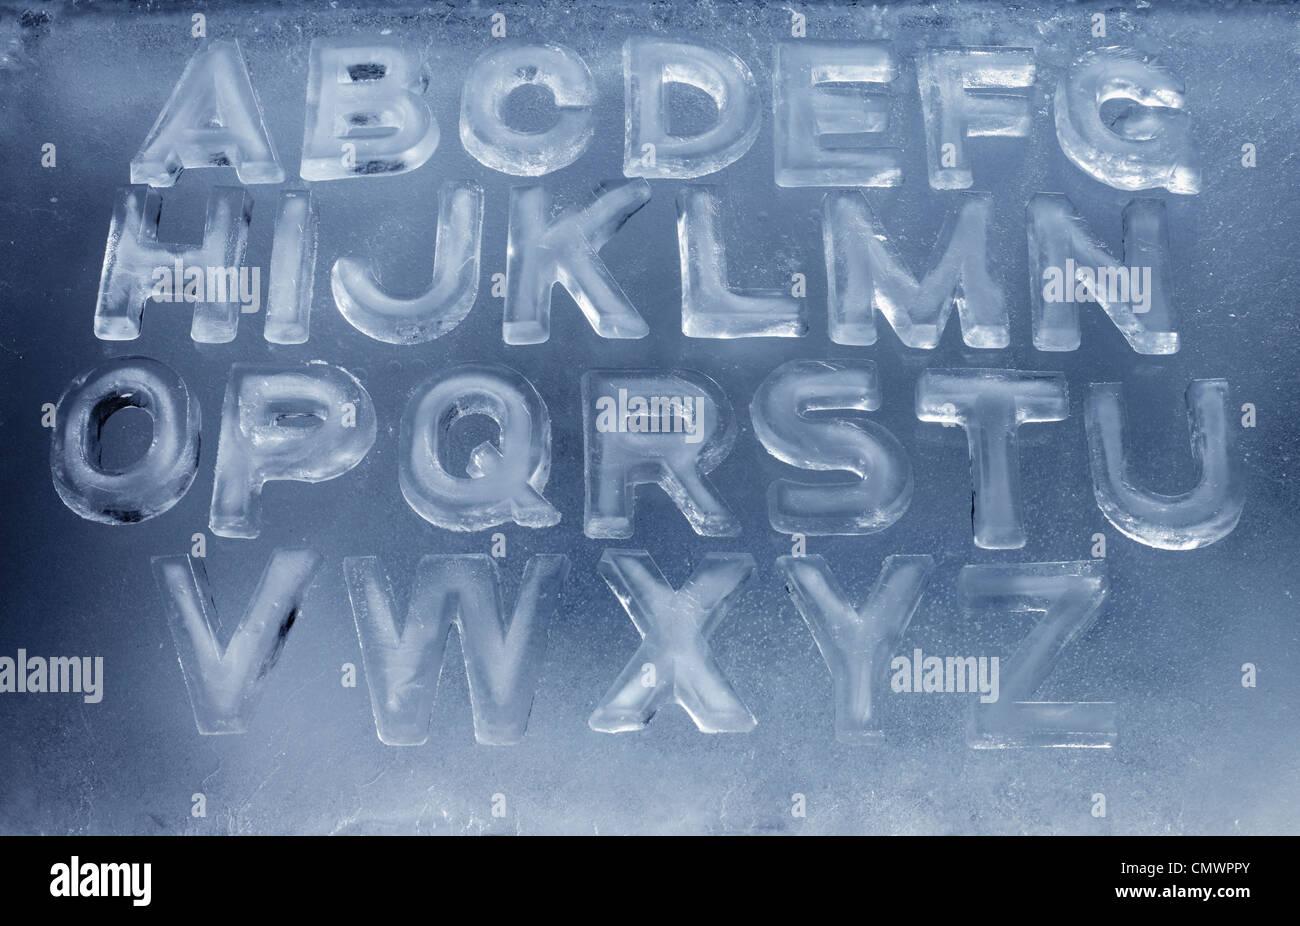 Alfabeto de letras de hielo real. Imagen De Stock